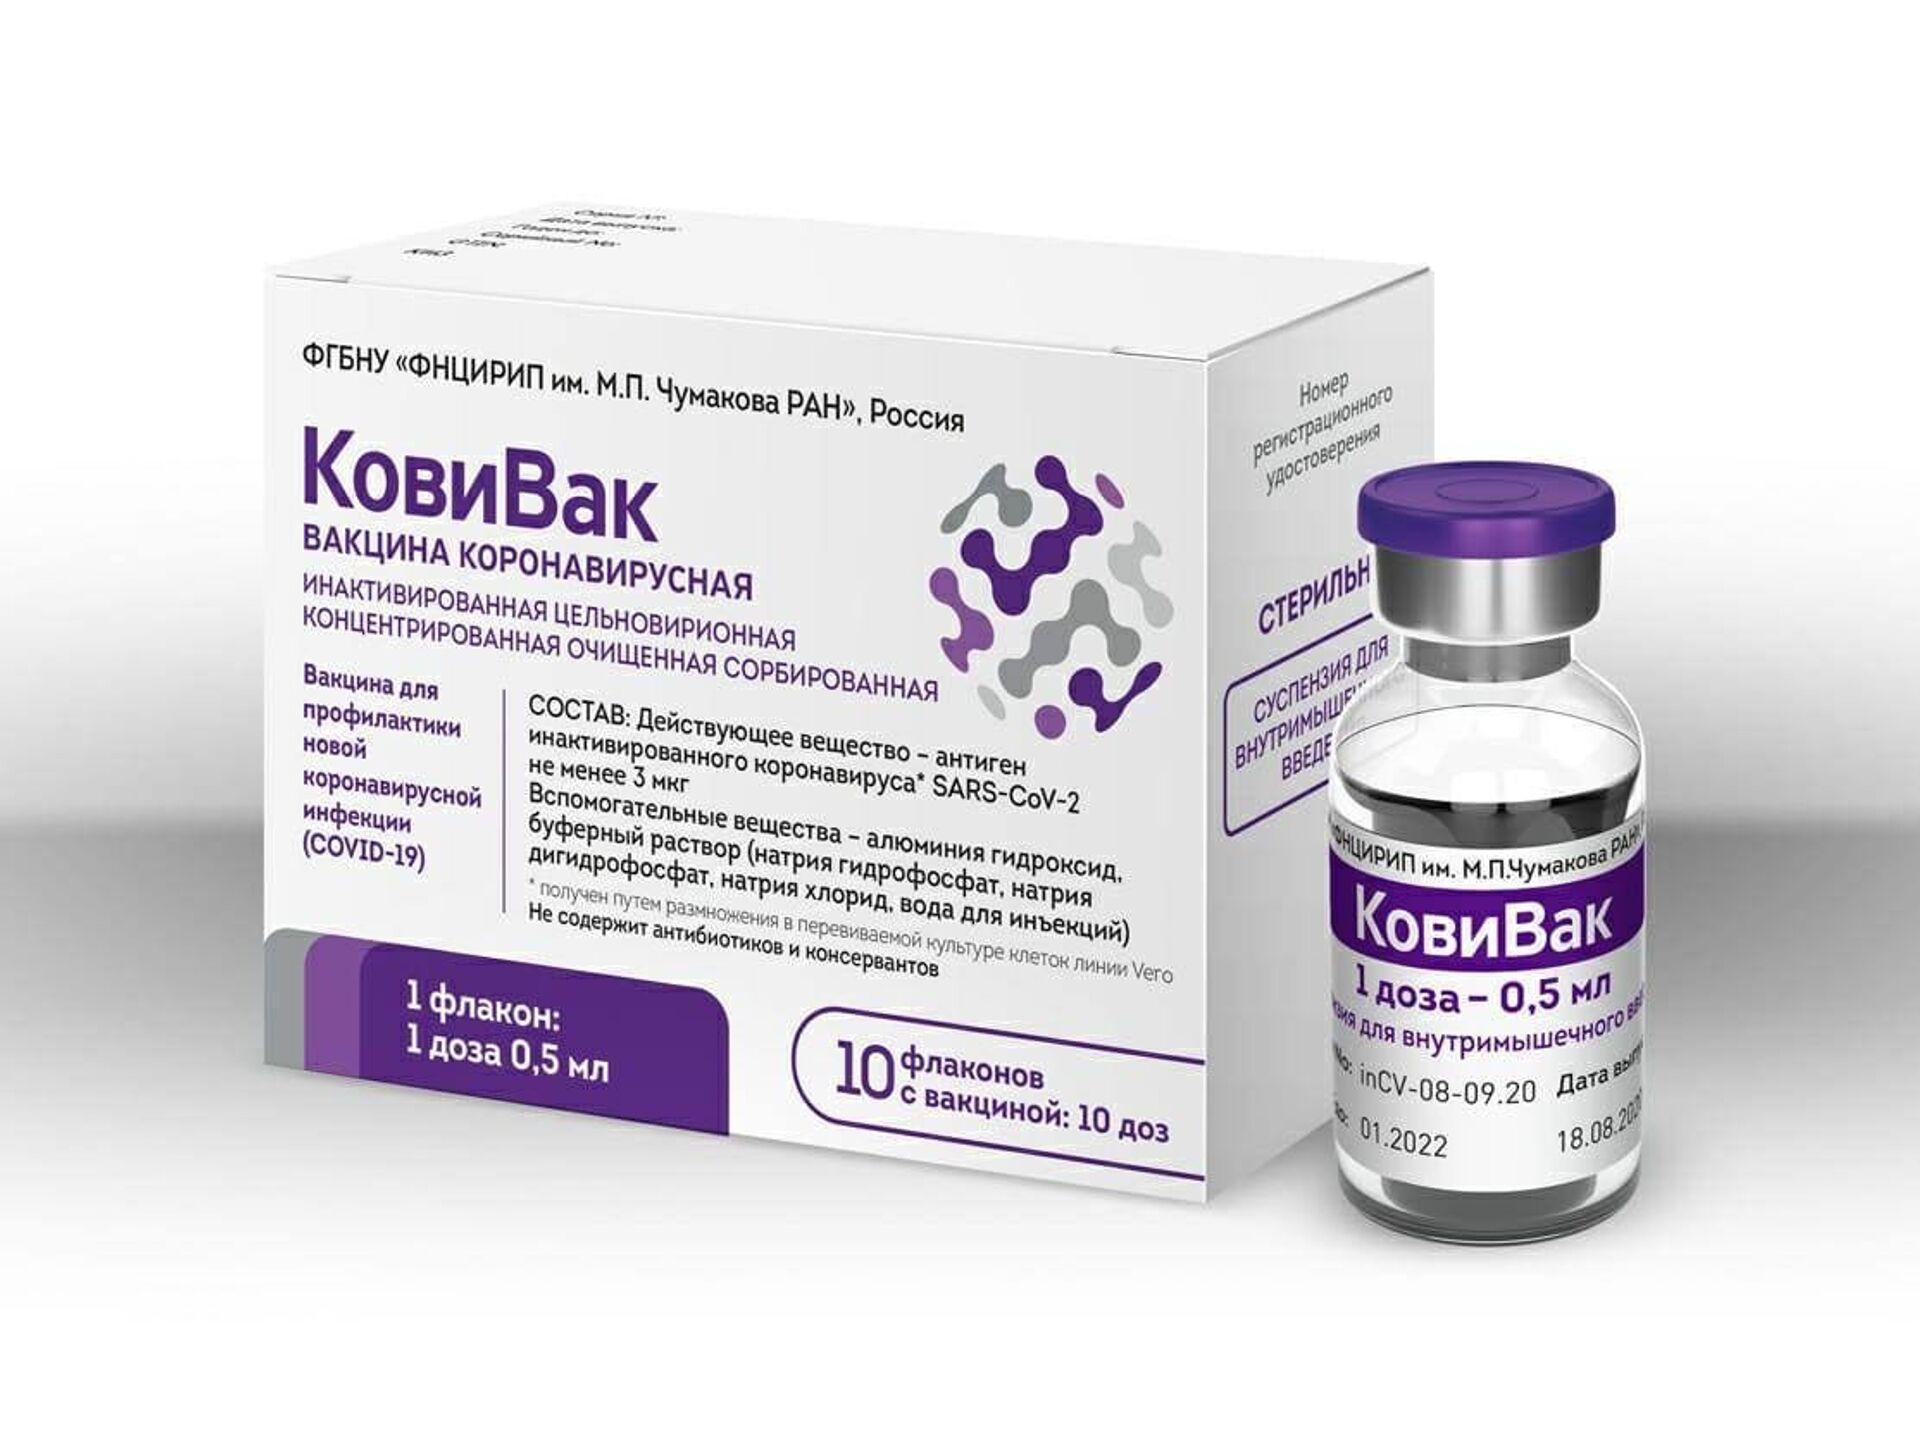 Nga bắt đầu sản xuất loại vắc xin ngừa coronavirus thứ ba - CoviVac - Sputnik Việt Nam, 1920, 25.03.2021